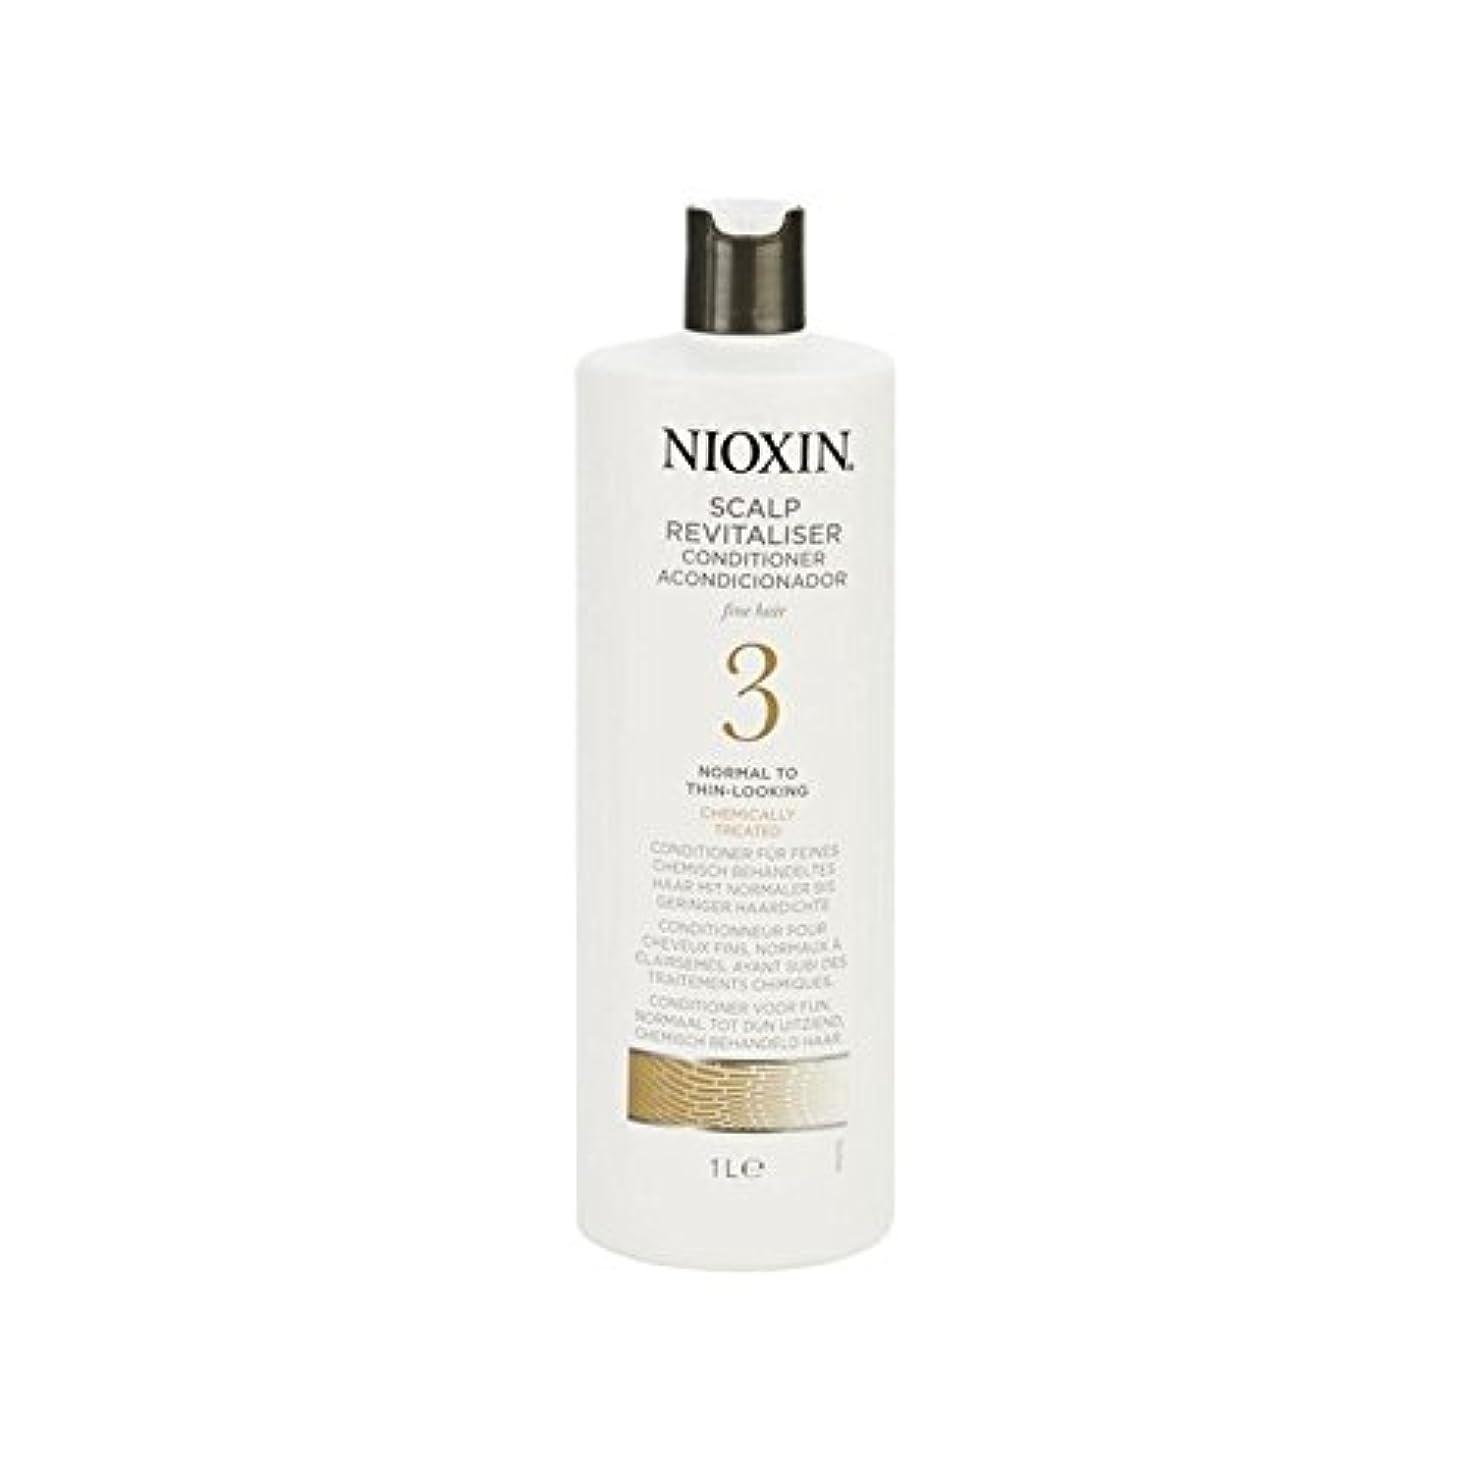 進行中管理するに応じてNioxin System 3 Scalp Revitaliser Conditioner For Fine, Normal To Thin, Chemically Treated Hair 1000ml - 薄く、化学的...